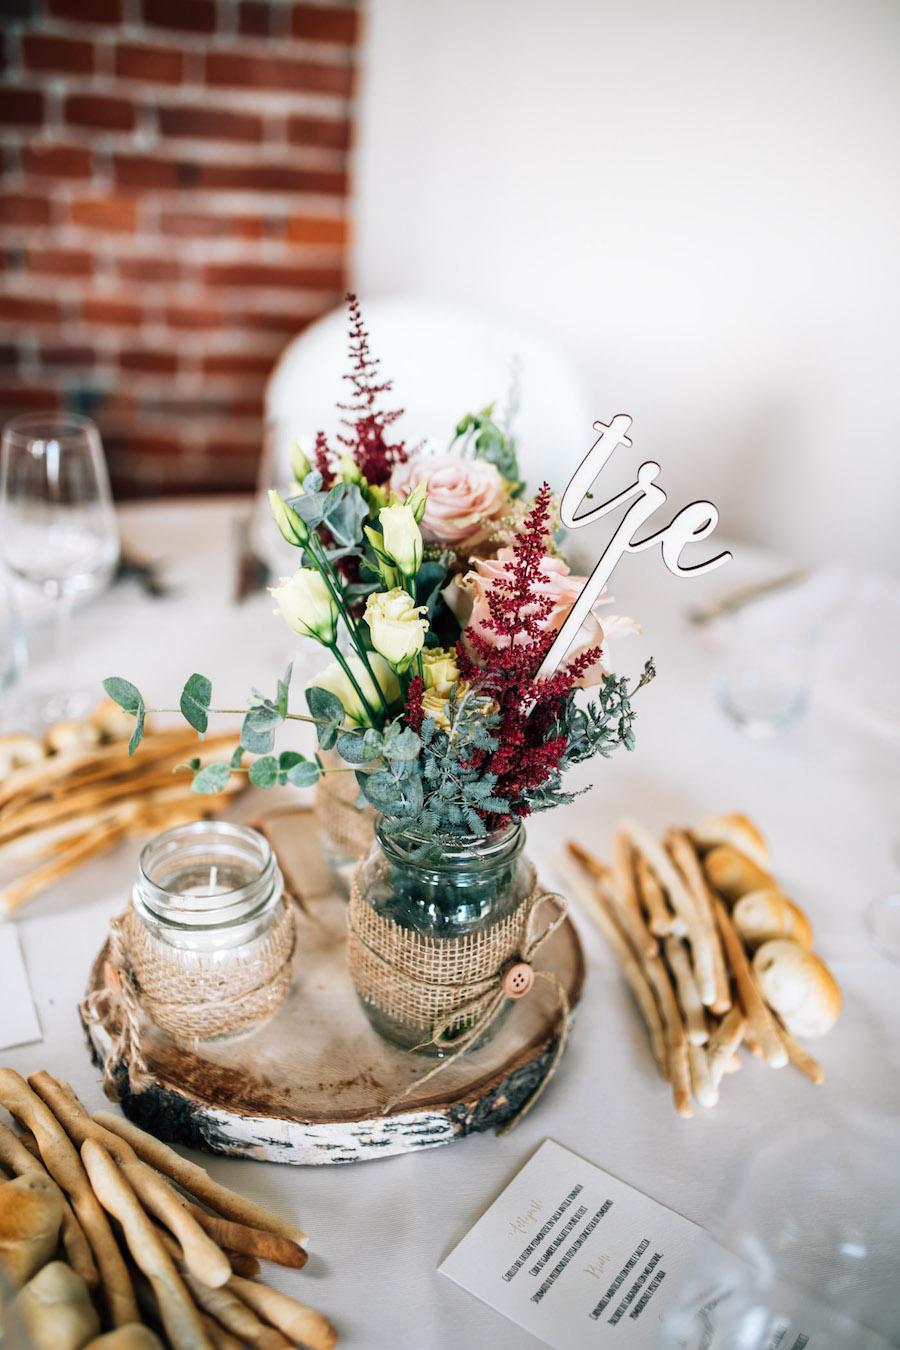 centrotavola romantico con base in legno